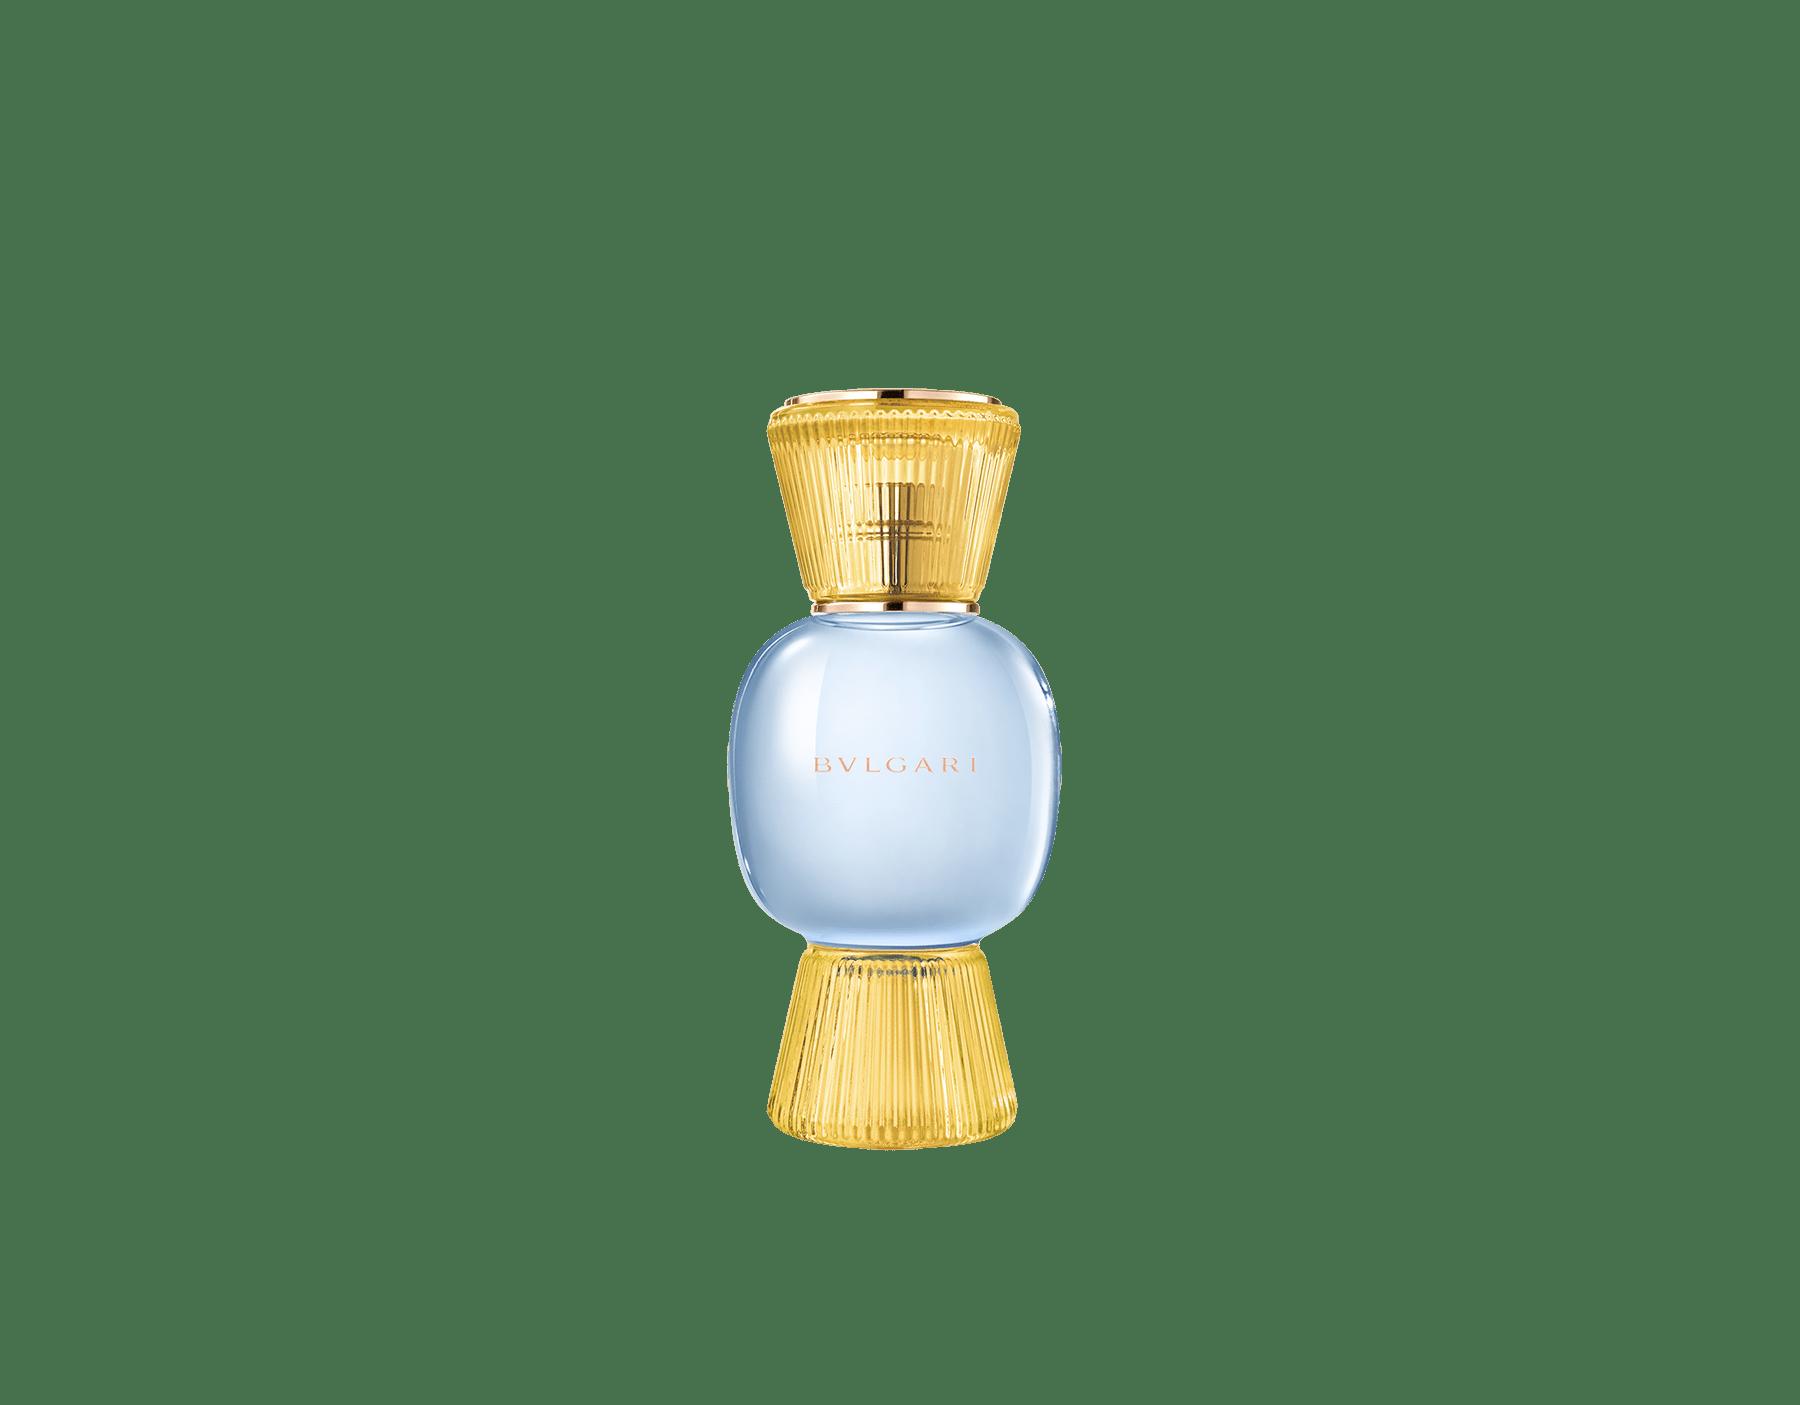 «Riva Solare représente les vacances éternelles en Italie.» Jacques Cavallier Un agrume pétillant incarnant l'énergie palpitante d'un tour sur la Mer Méditerrannée 41242 image 4